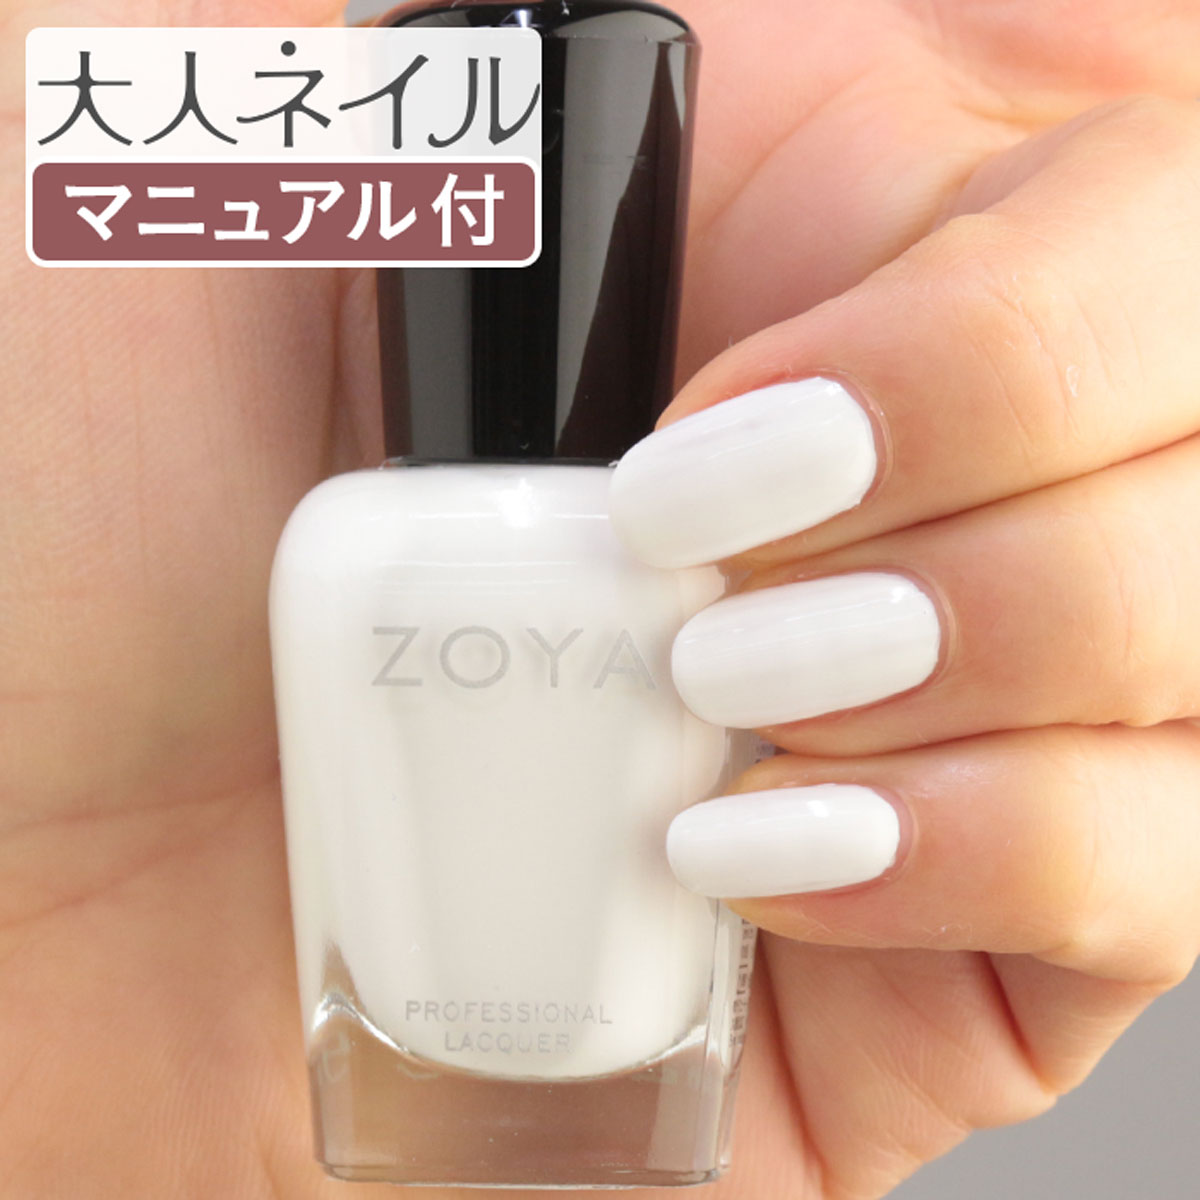 ZOYA ゾーヤ ゾヤ ネイルカラー ZP388 15mL PURITY 自爪 の為に作られた ネイル 爪にやさしい 自然派 マニキュア zoya セルフネイル にもおすすめ クリーム ホワイト ペディキュア 夏ネイル 夏カラー